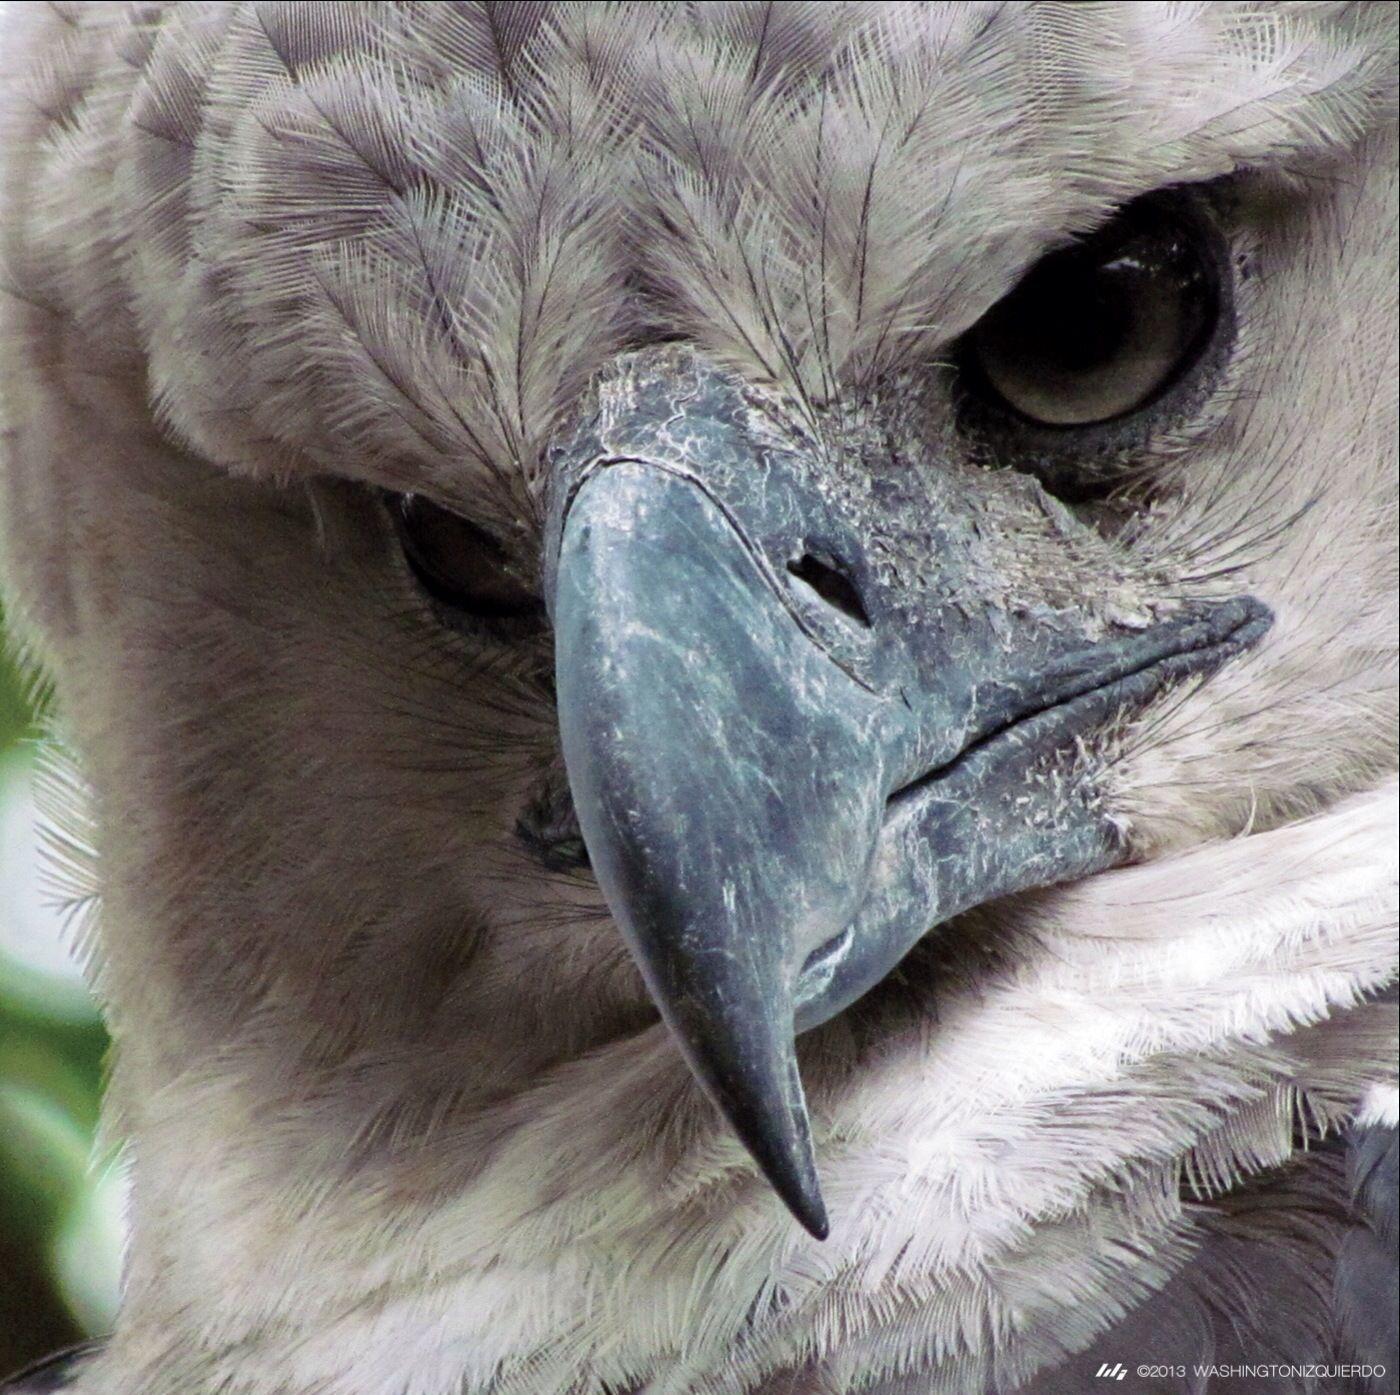 Aguila arpia wallpaper buscar con google panama - Harpy eagle hd wallpaper ...